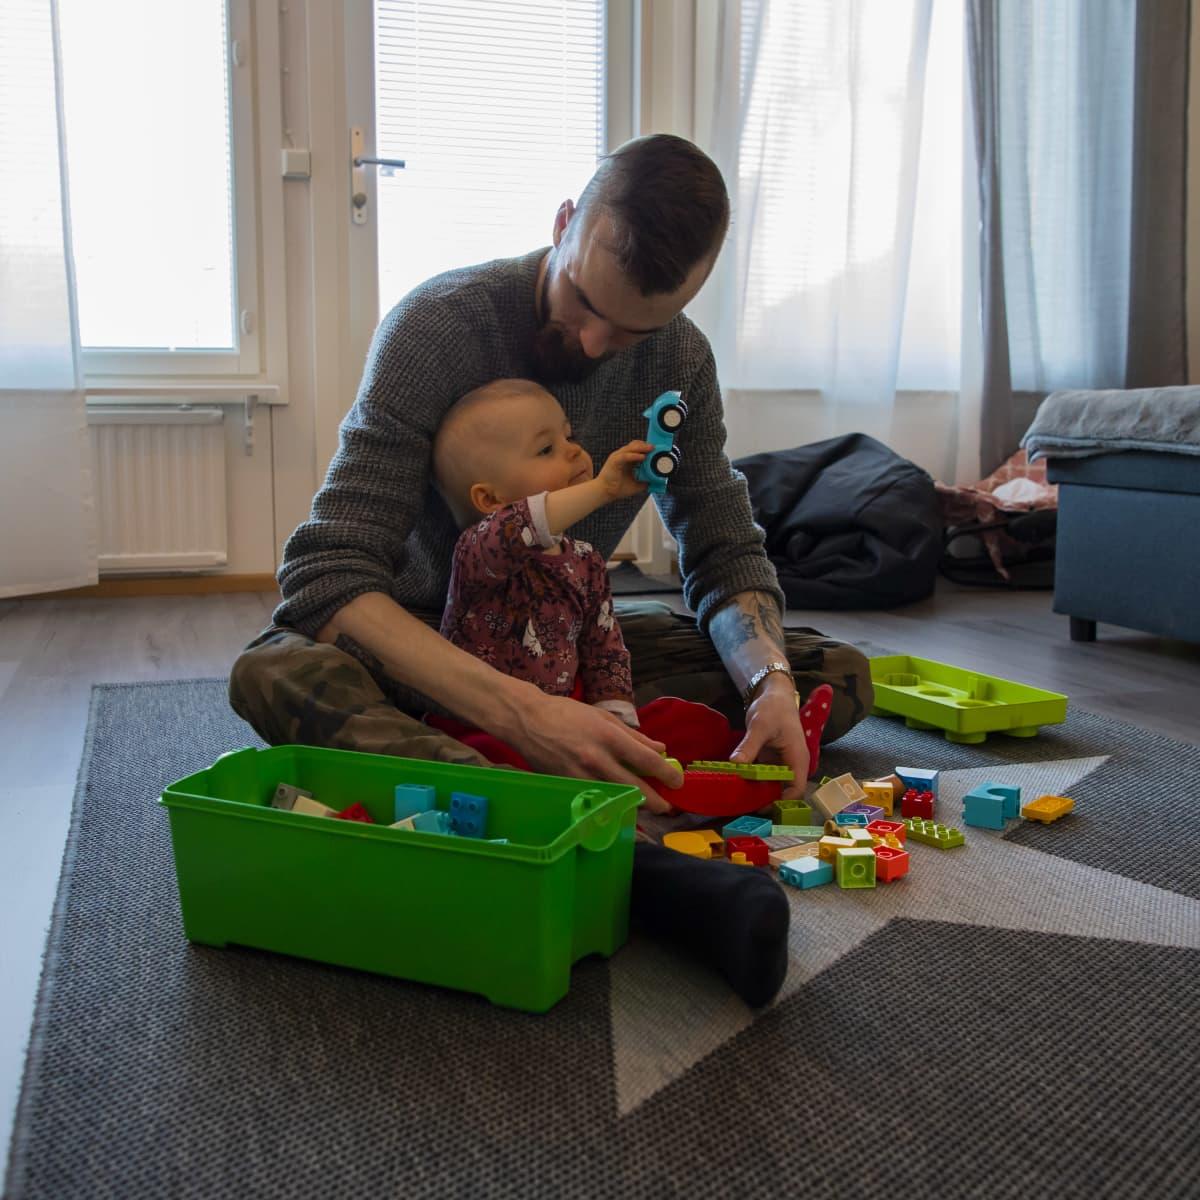 Janne Tiensuu leikkii kaksi vuotiaan tyttönsä Alexandran kanssa